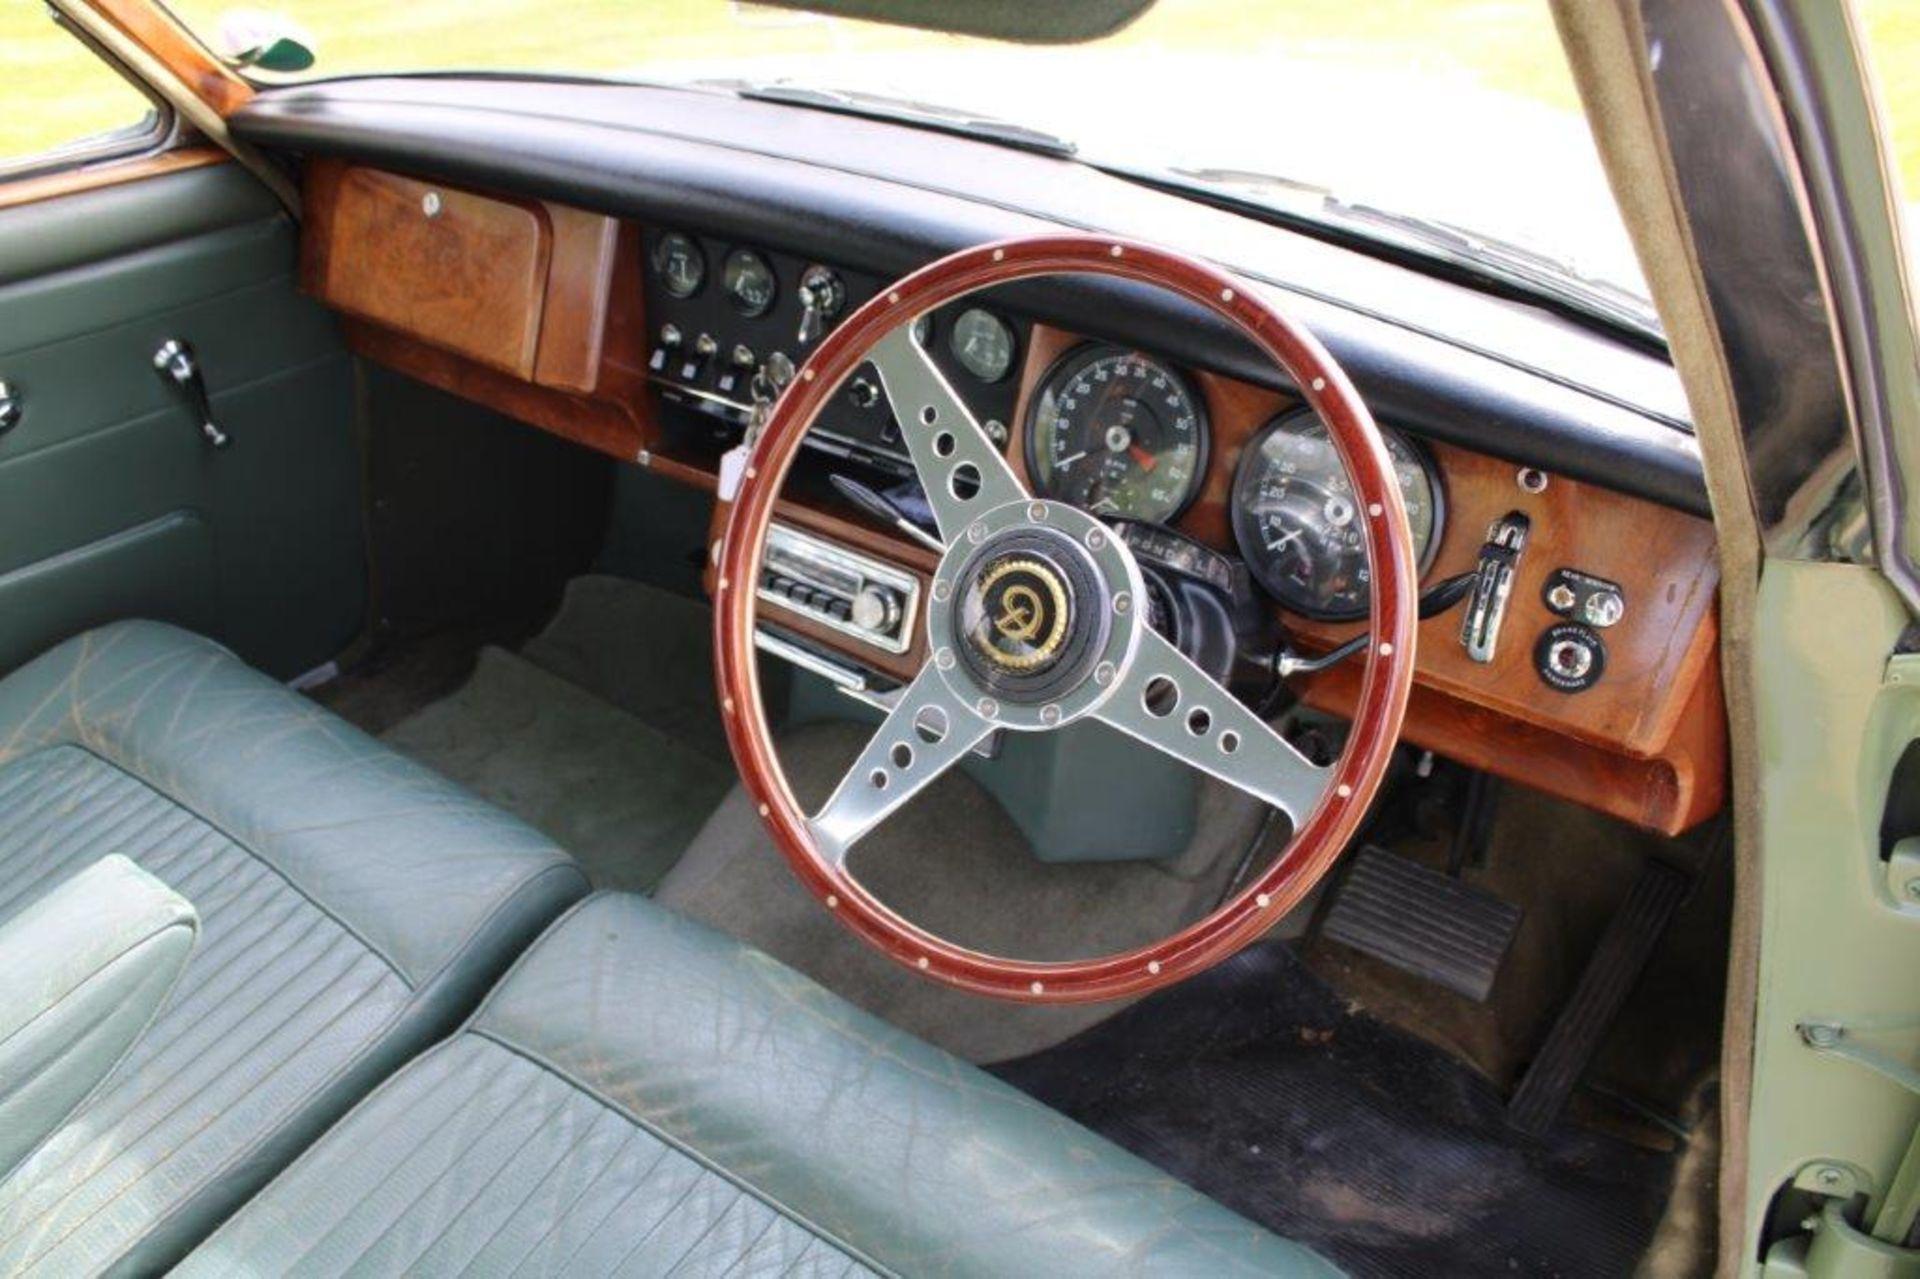 1968 Daimler V8 250 Auto - Image 16 of 30